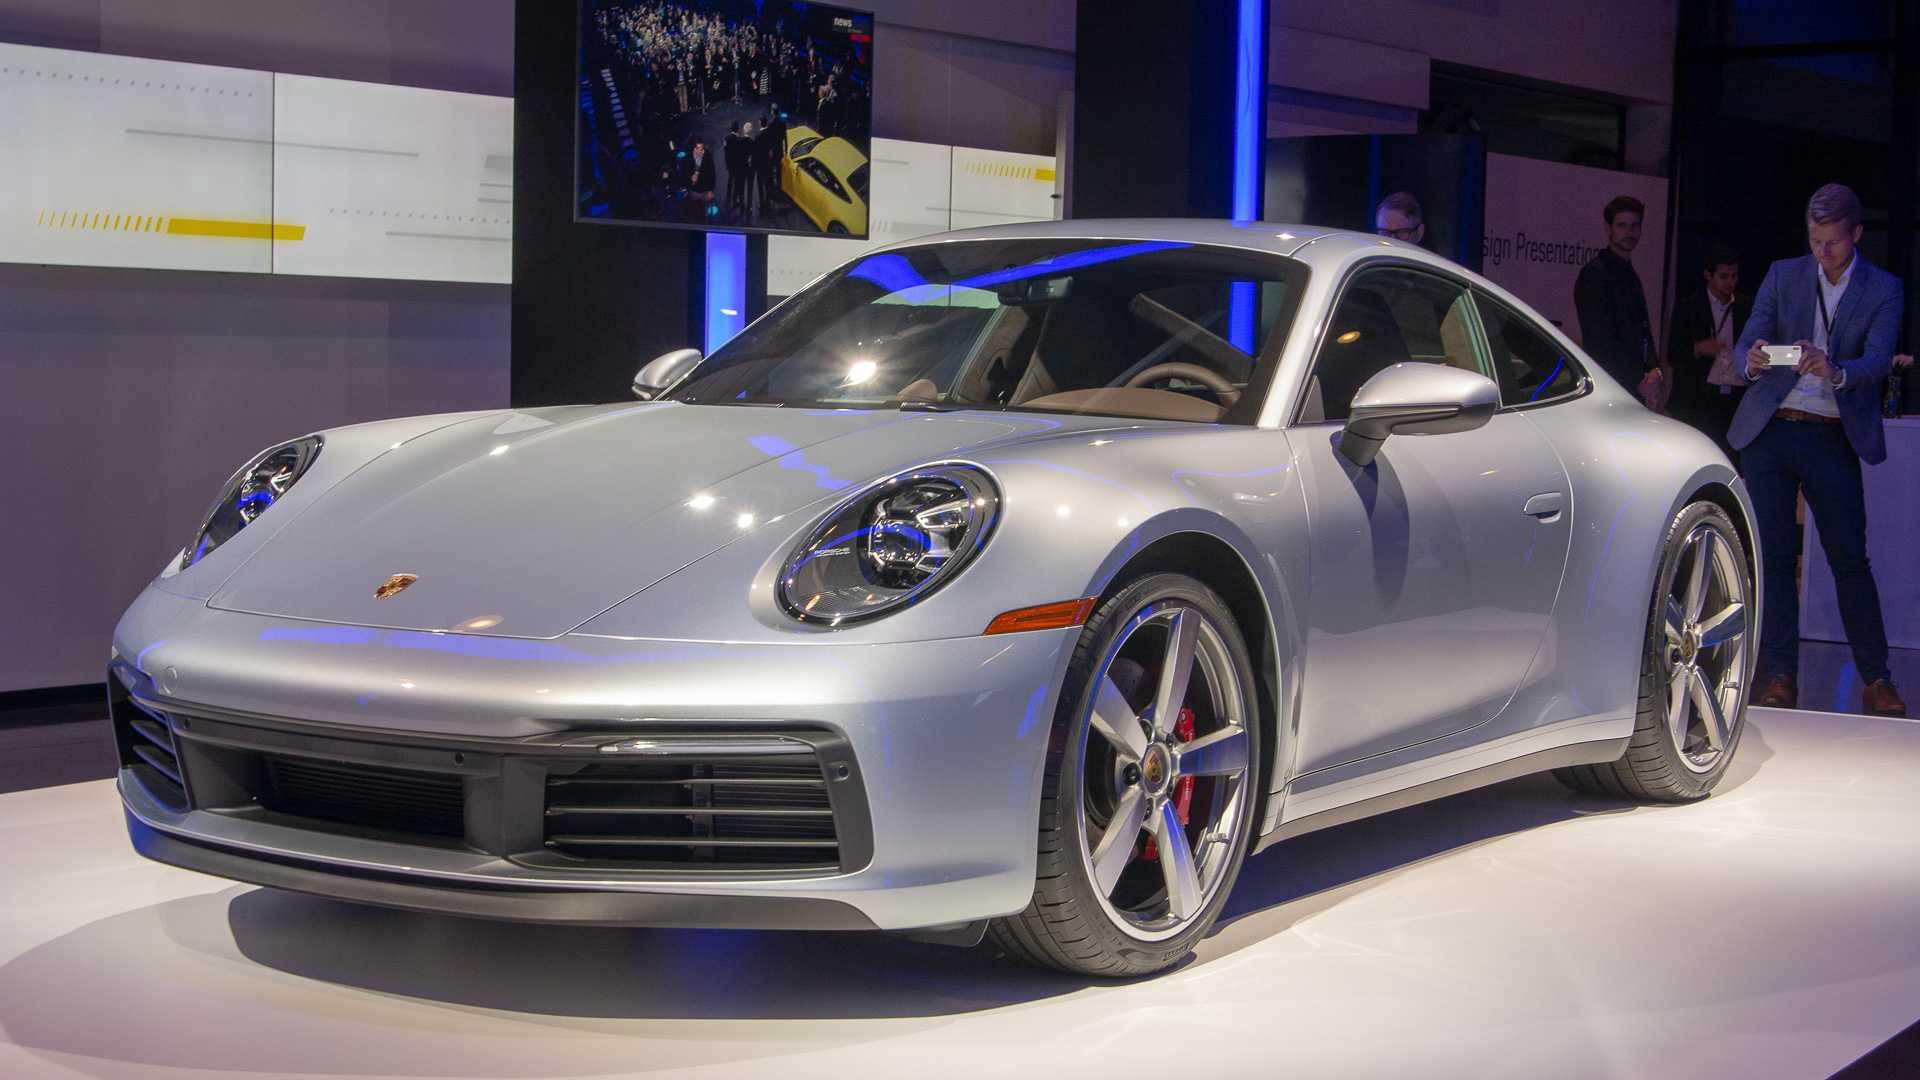 93 Gallery of Porsche Targa 2020 Release Date by Porsche Targa 2020